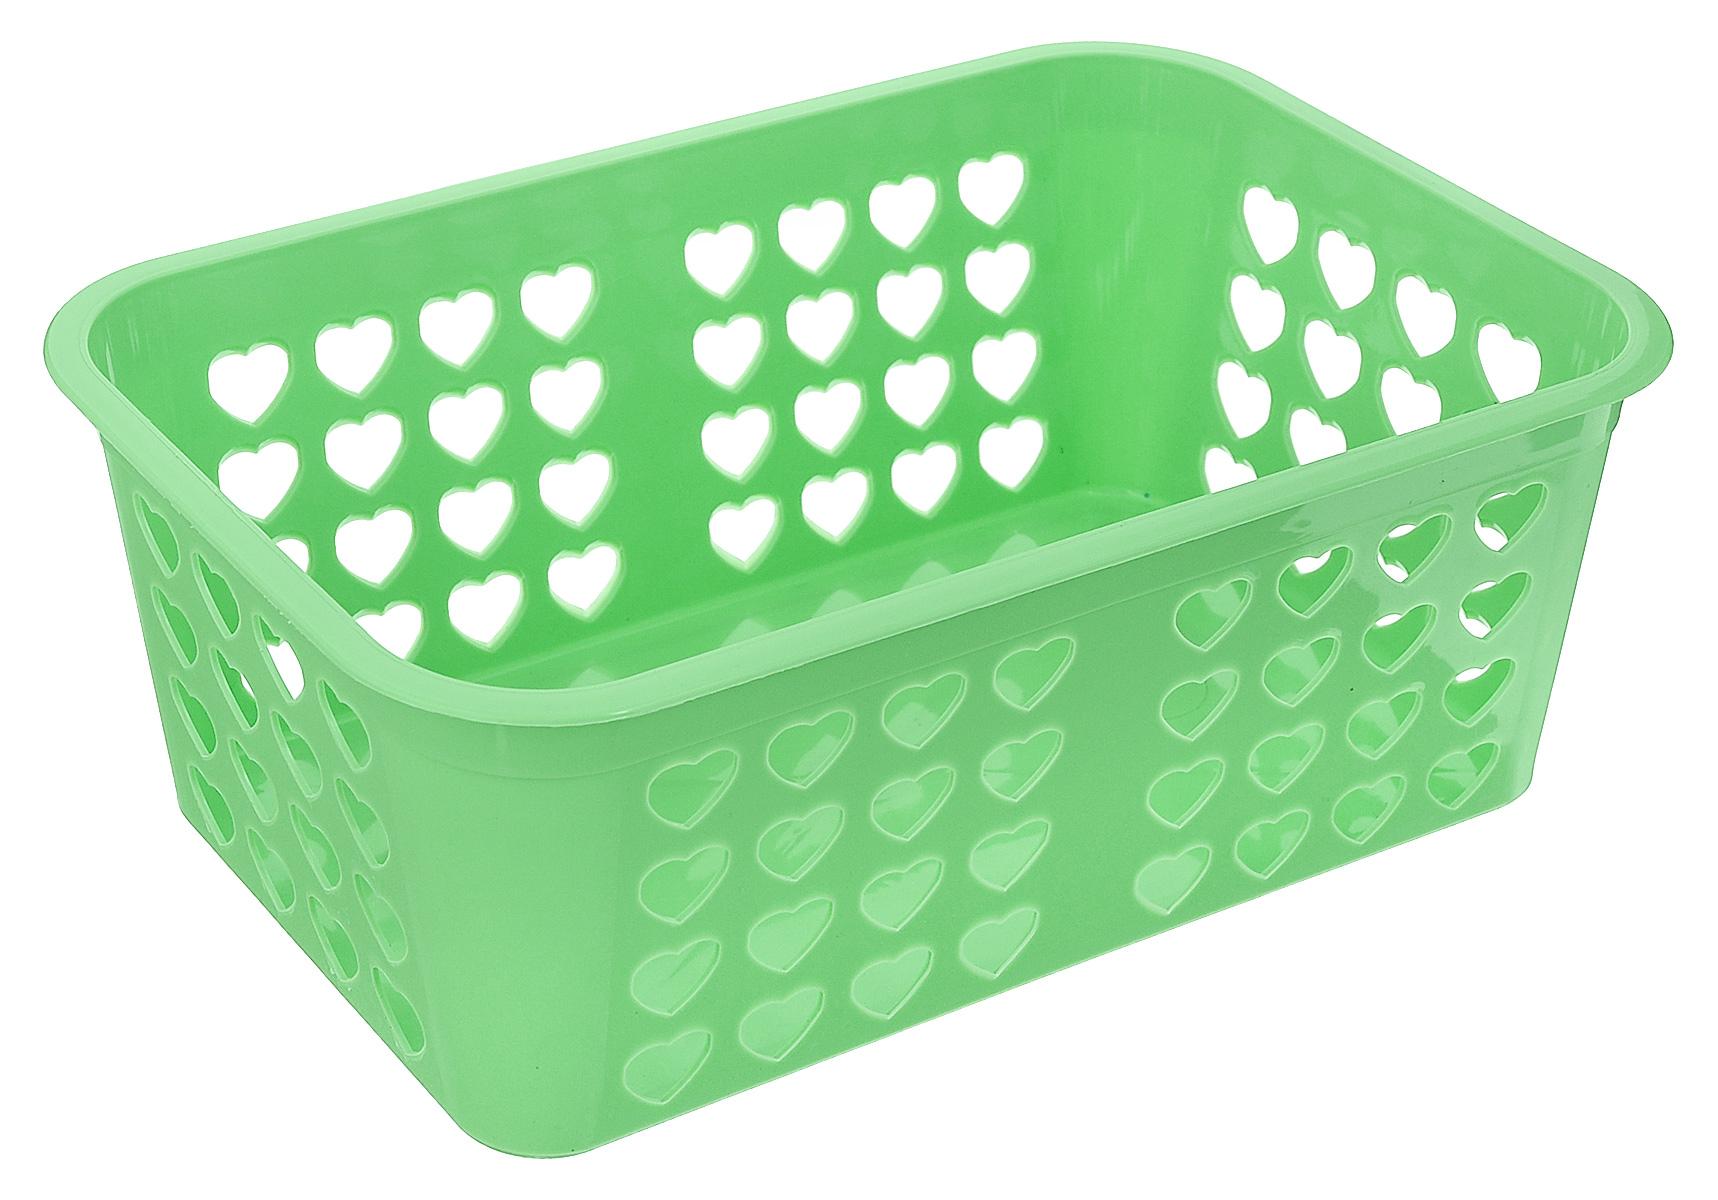 Корзина для хранения Альтернатива Вдохновение, цвет: салатовый, 26,5 х 16,5 х 10 смRG-D31SПрямоугольная корзина Альтернатива Вдохновение, изготовленная из пластика, предназначена для хранения мелочей в ванной, на кухне, даче или гараже. Корзина со сплошным дном, оснащена перфорированными стенками.Элегантный выдержанный дизайн позволяет органично вписаться в ваш интерьер и стать его элементом.